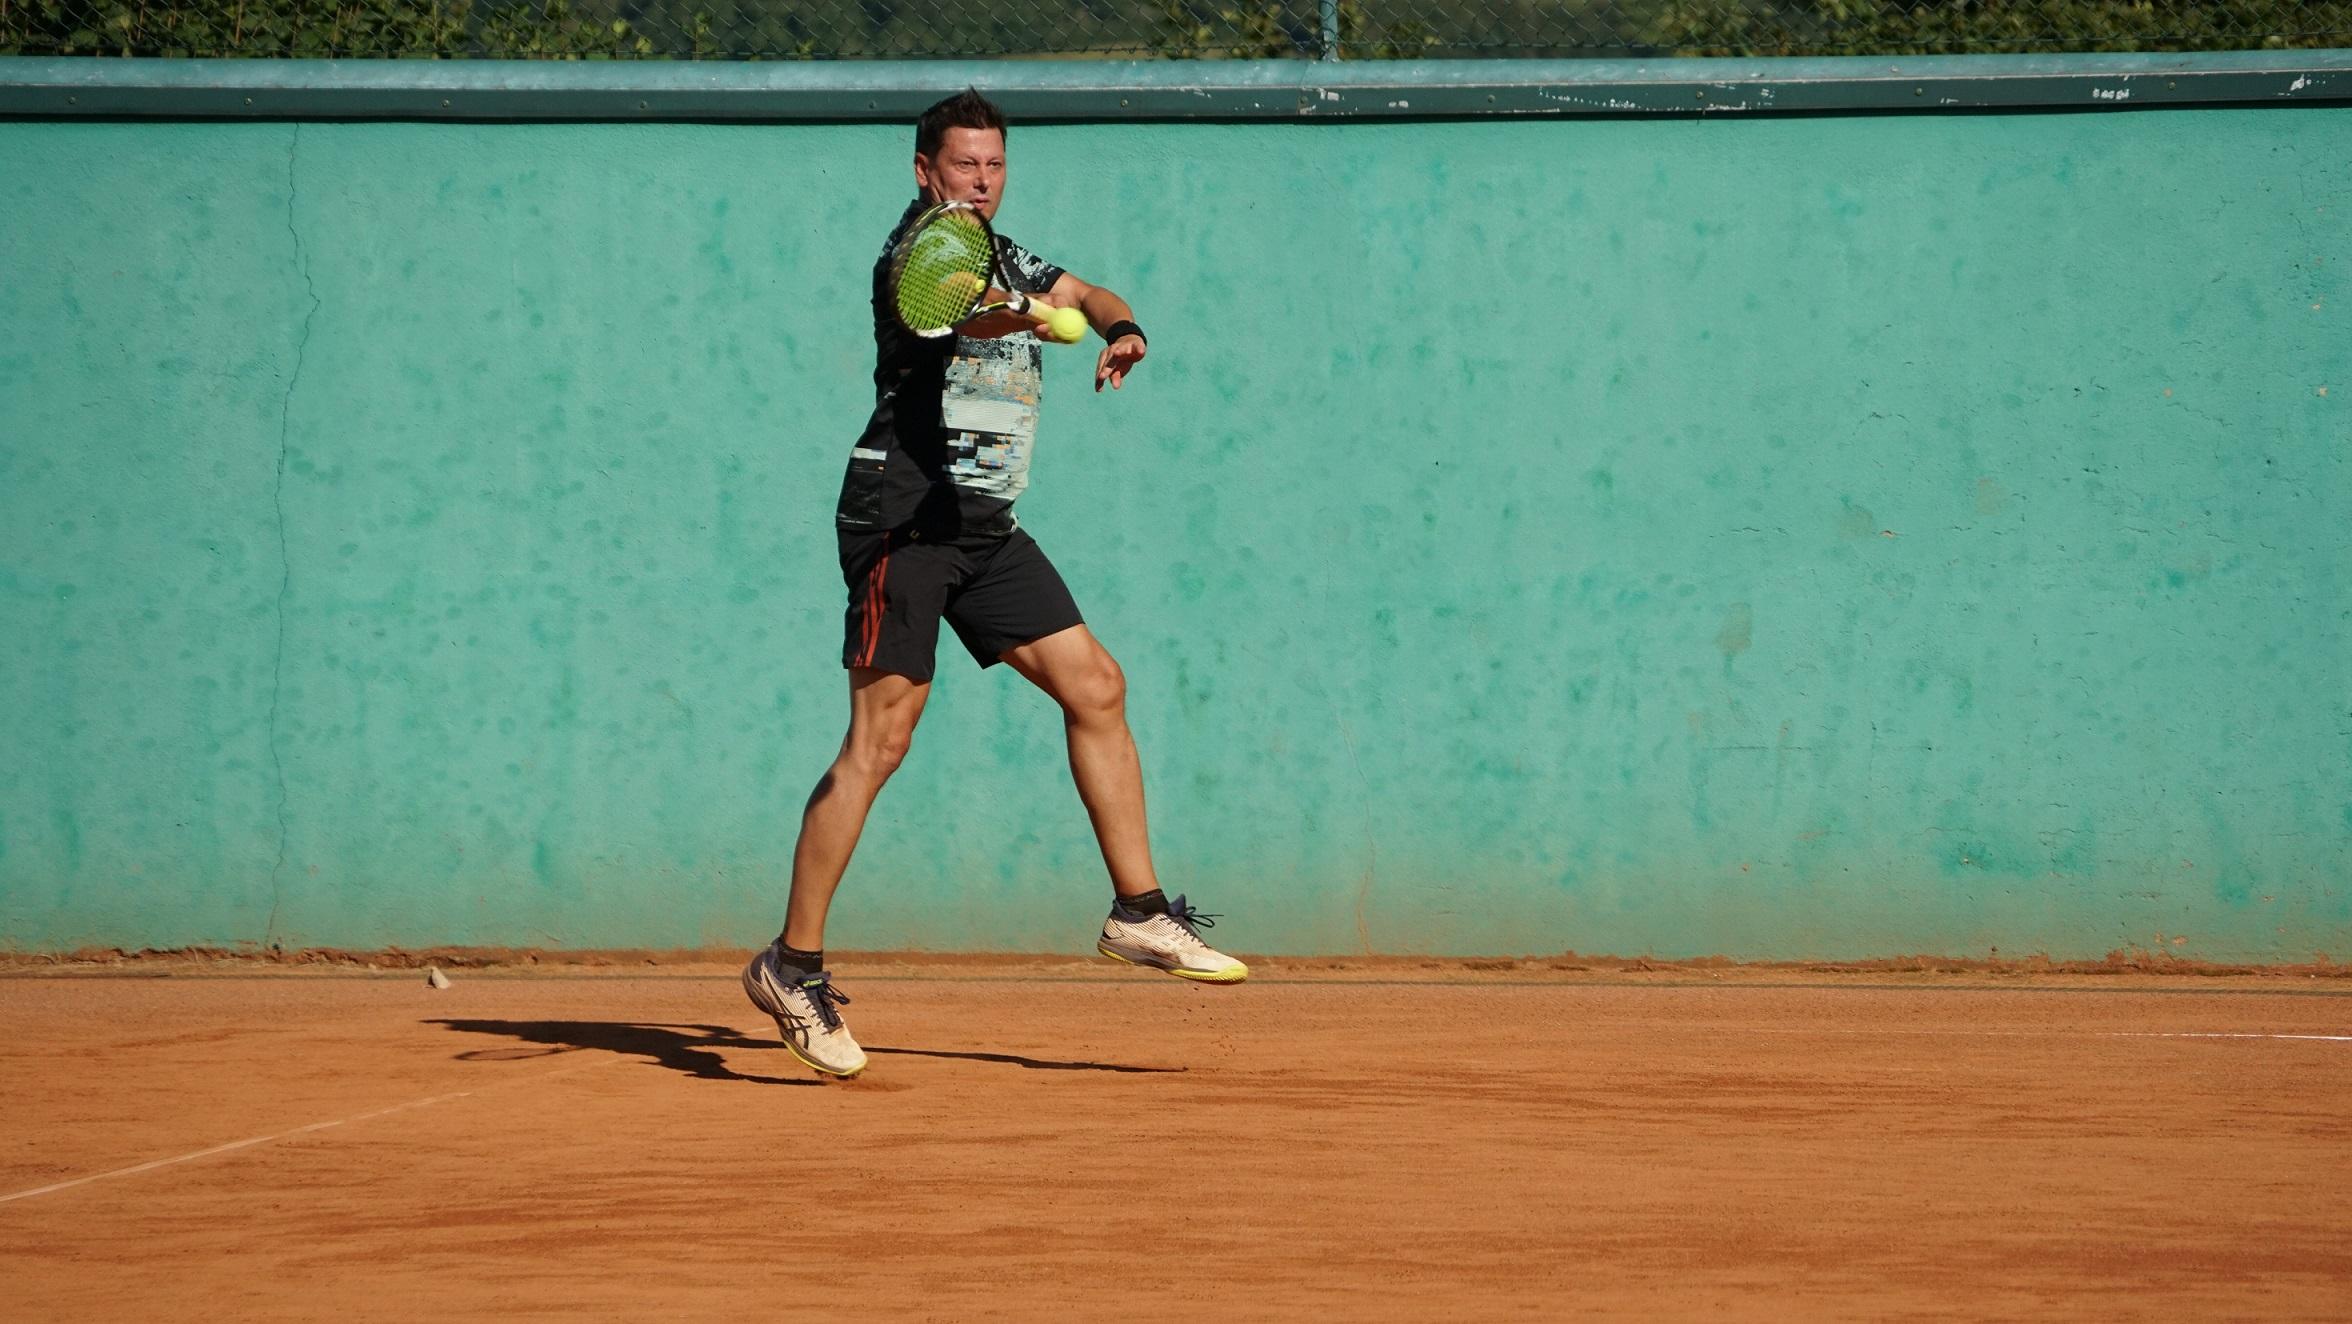 Interne Doppelmeisterschaften bei Kaiserwetter tennis doppel karlstetten 2021 3